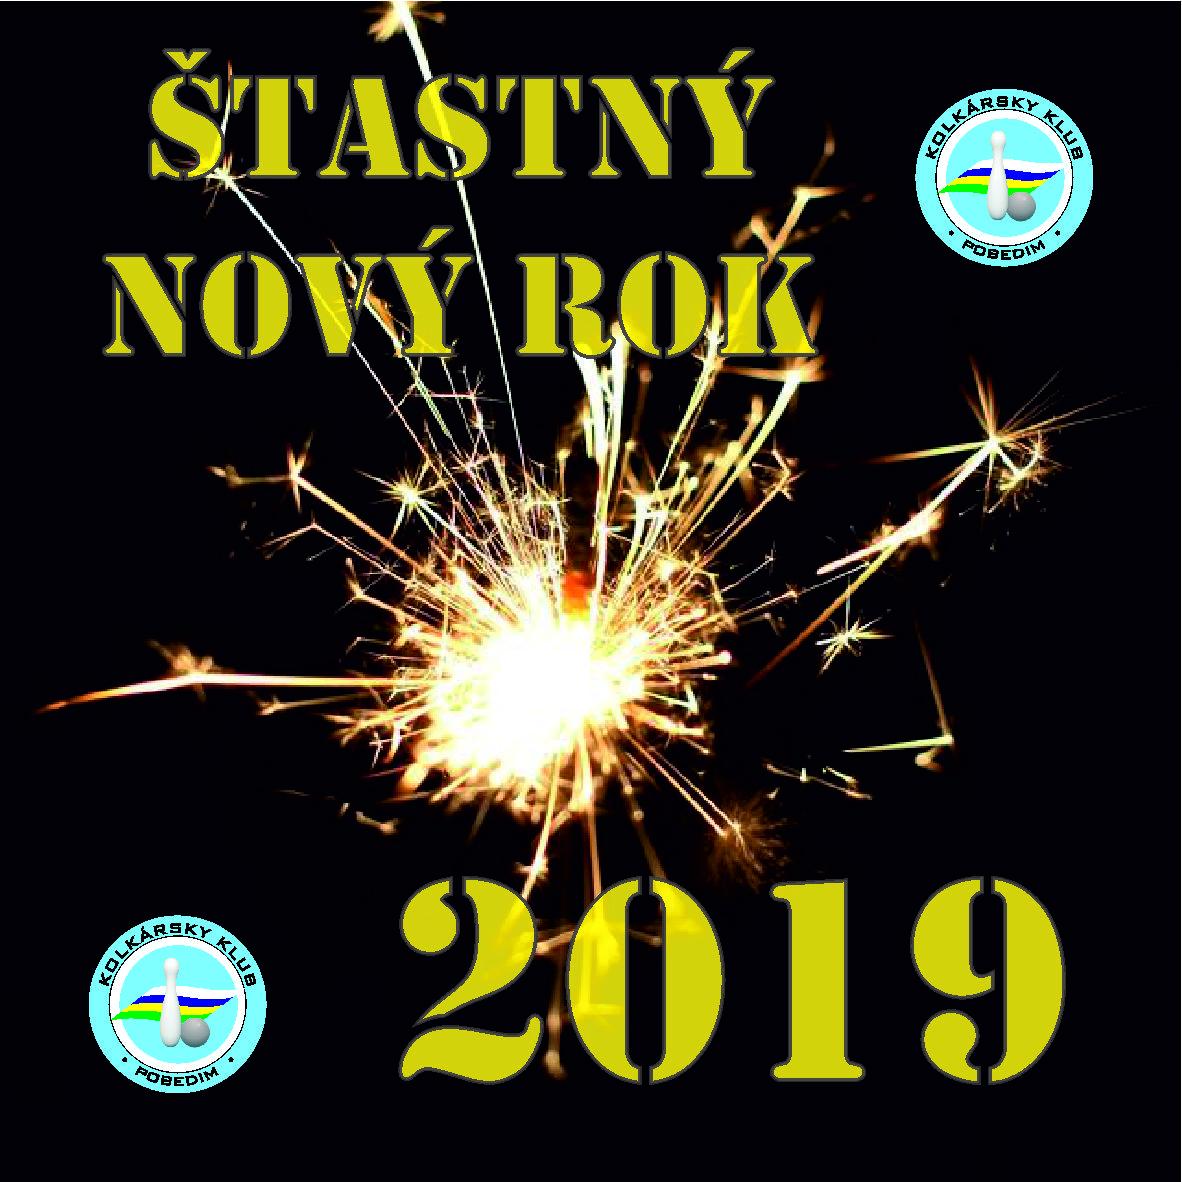 Nový rok 2019.jpg